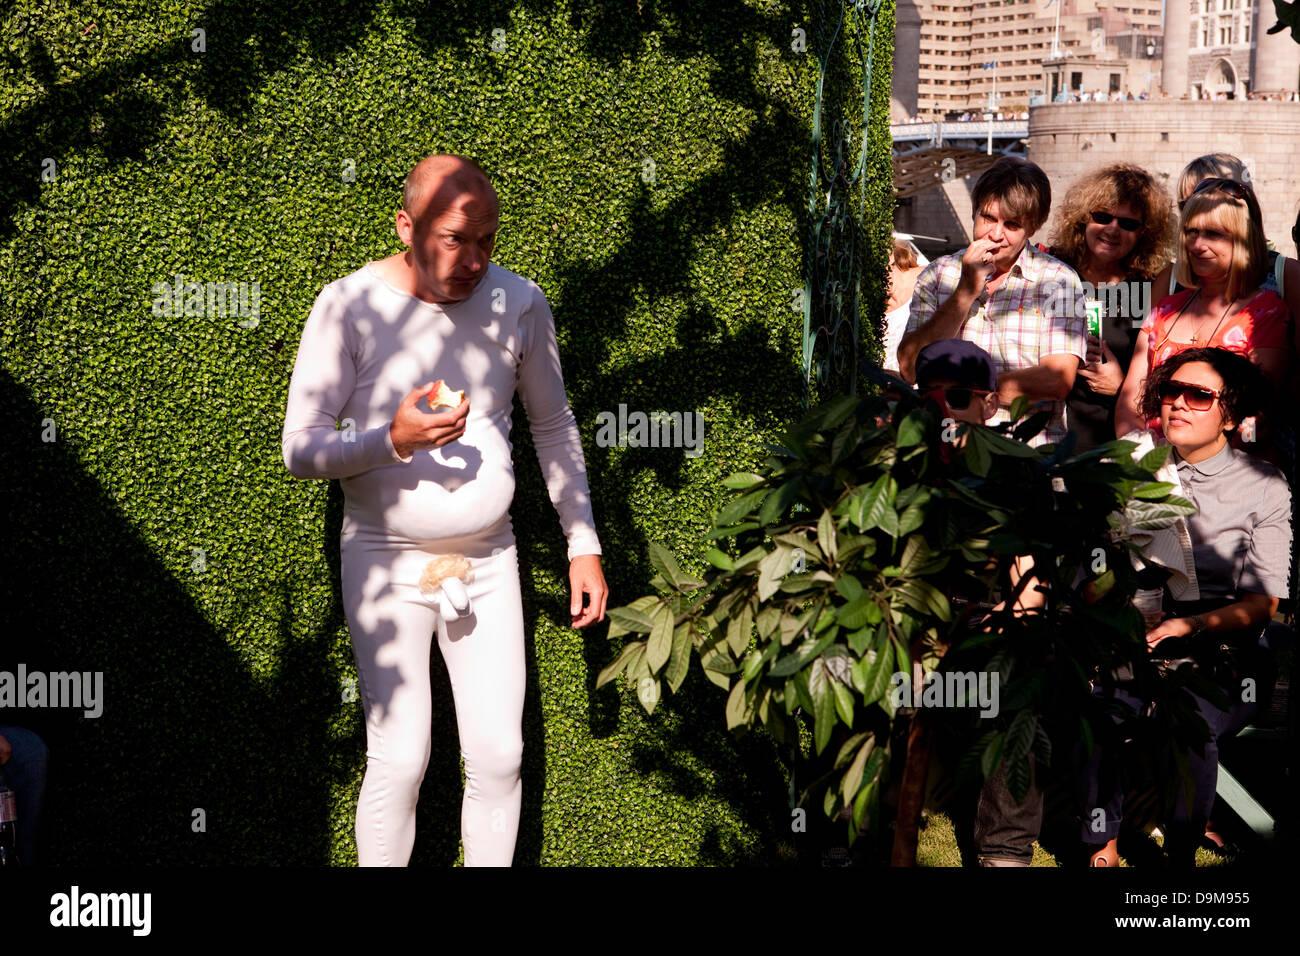 Festival Des Jardins Chaumont Sur Loire 2009 festival of humour stock photos & festival of humour stock